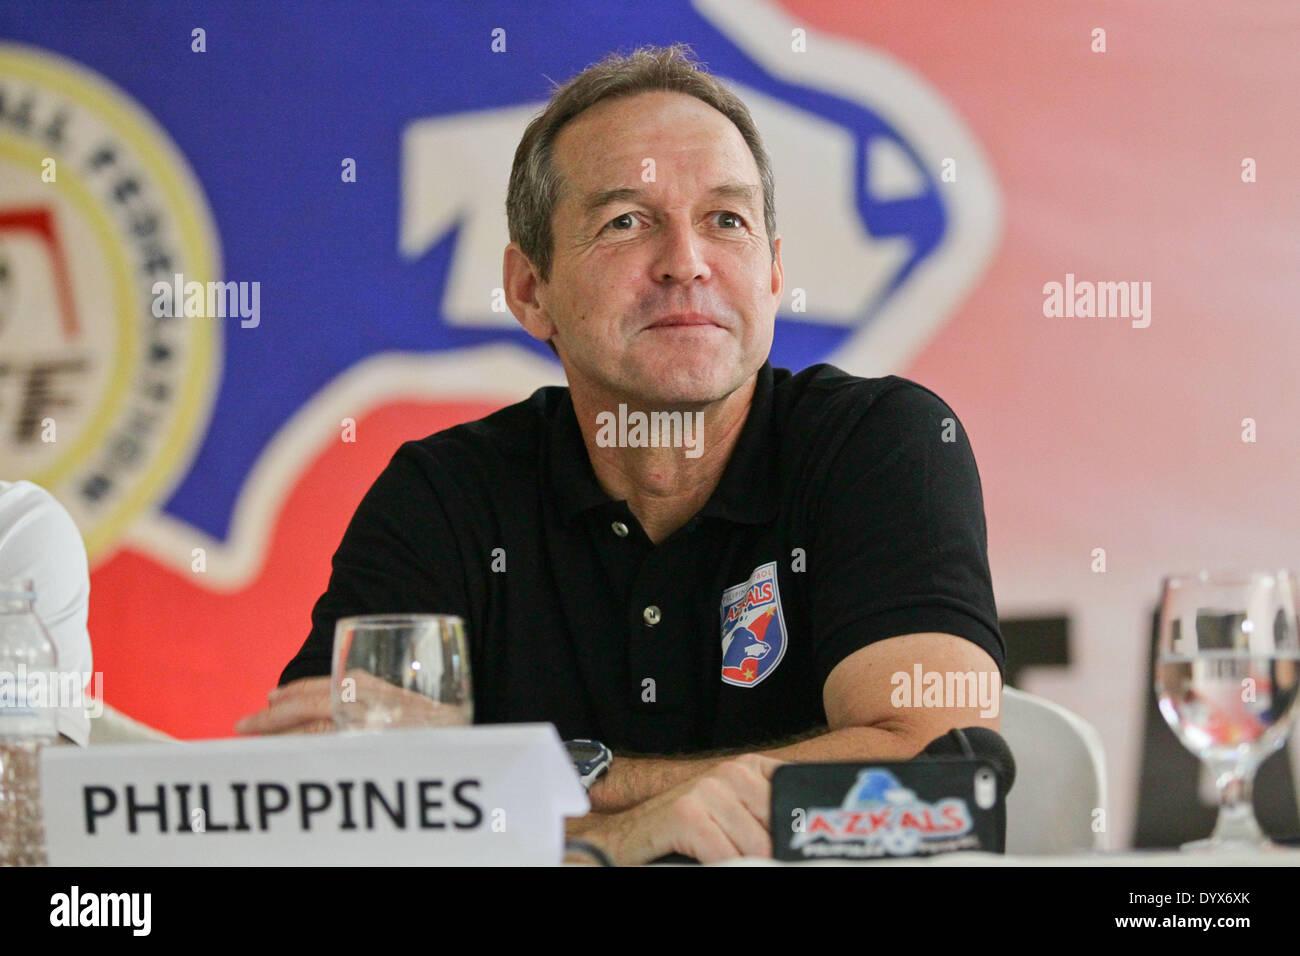 Cebu, Filippine. 26 apr 2014. Il filippino's head coach Thomas Dooley sorrisi durante le Filippine vs Malaysia conferenza stampa tenutasi a Cebu on April 26, 2014. © Mark Cristino/NurPhoto/ZUMAPRESS.com/Alamy Live News Immagini Stock